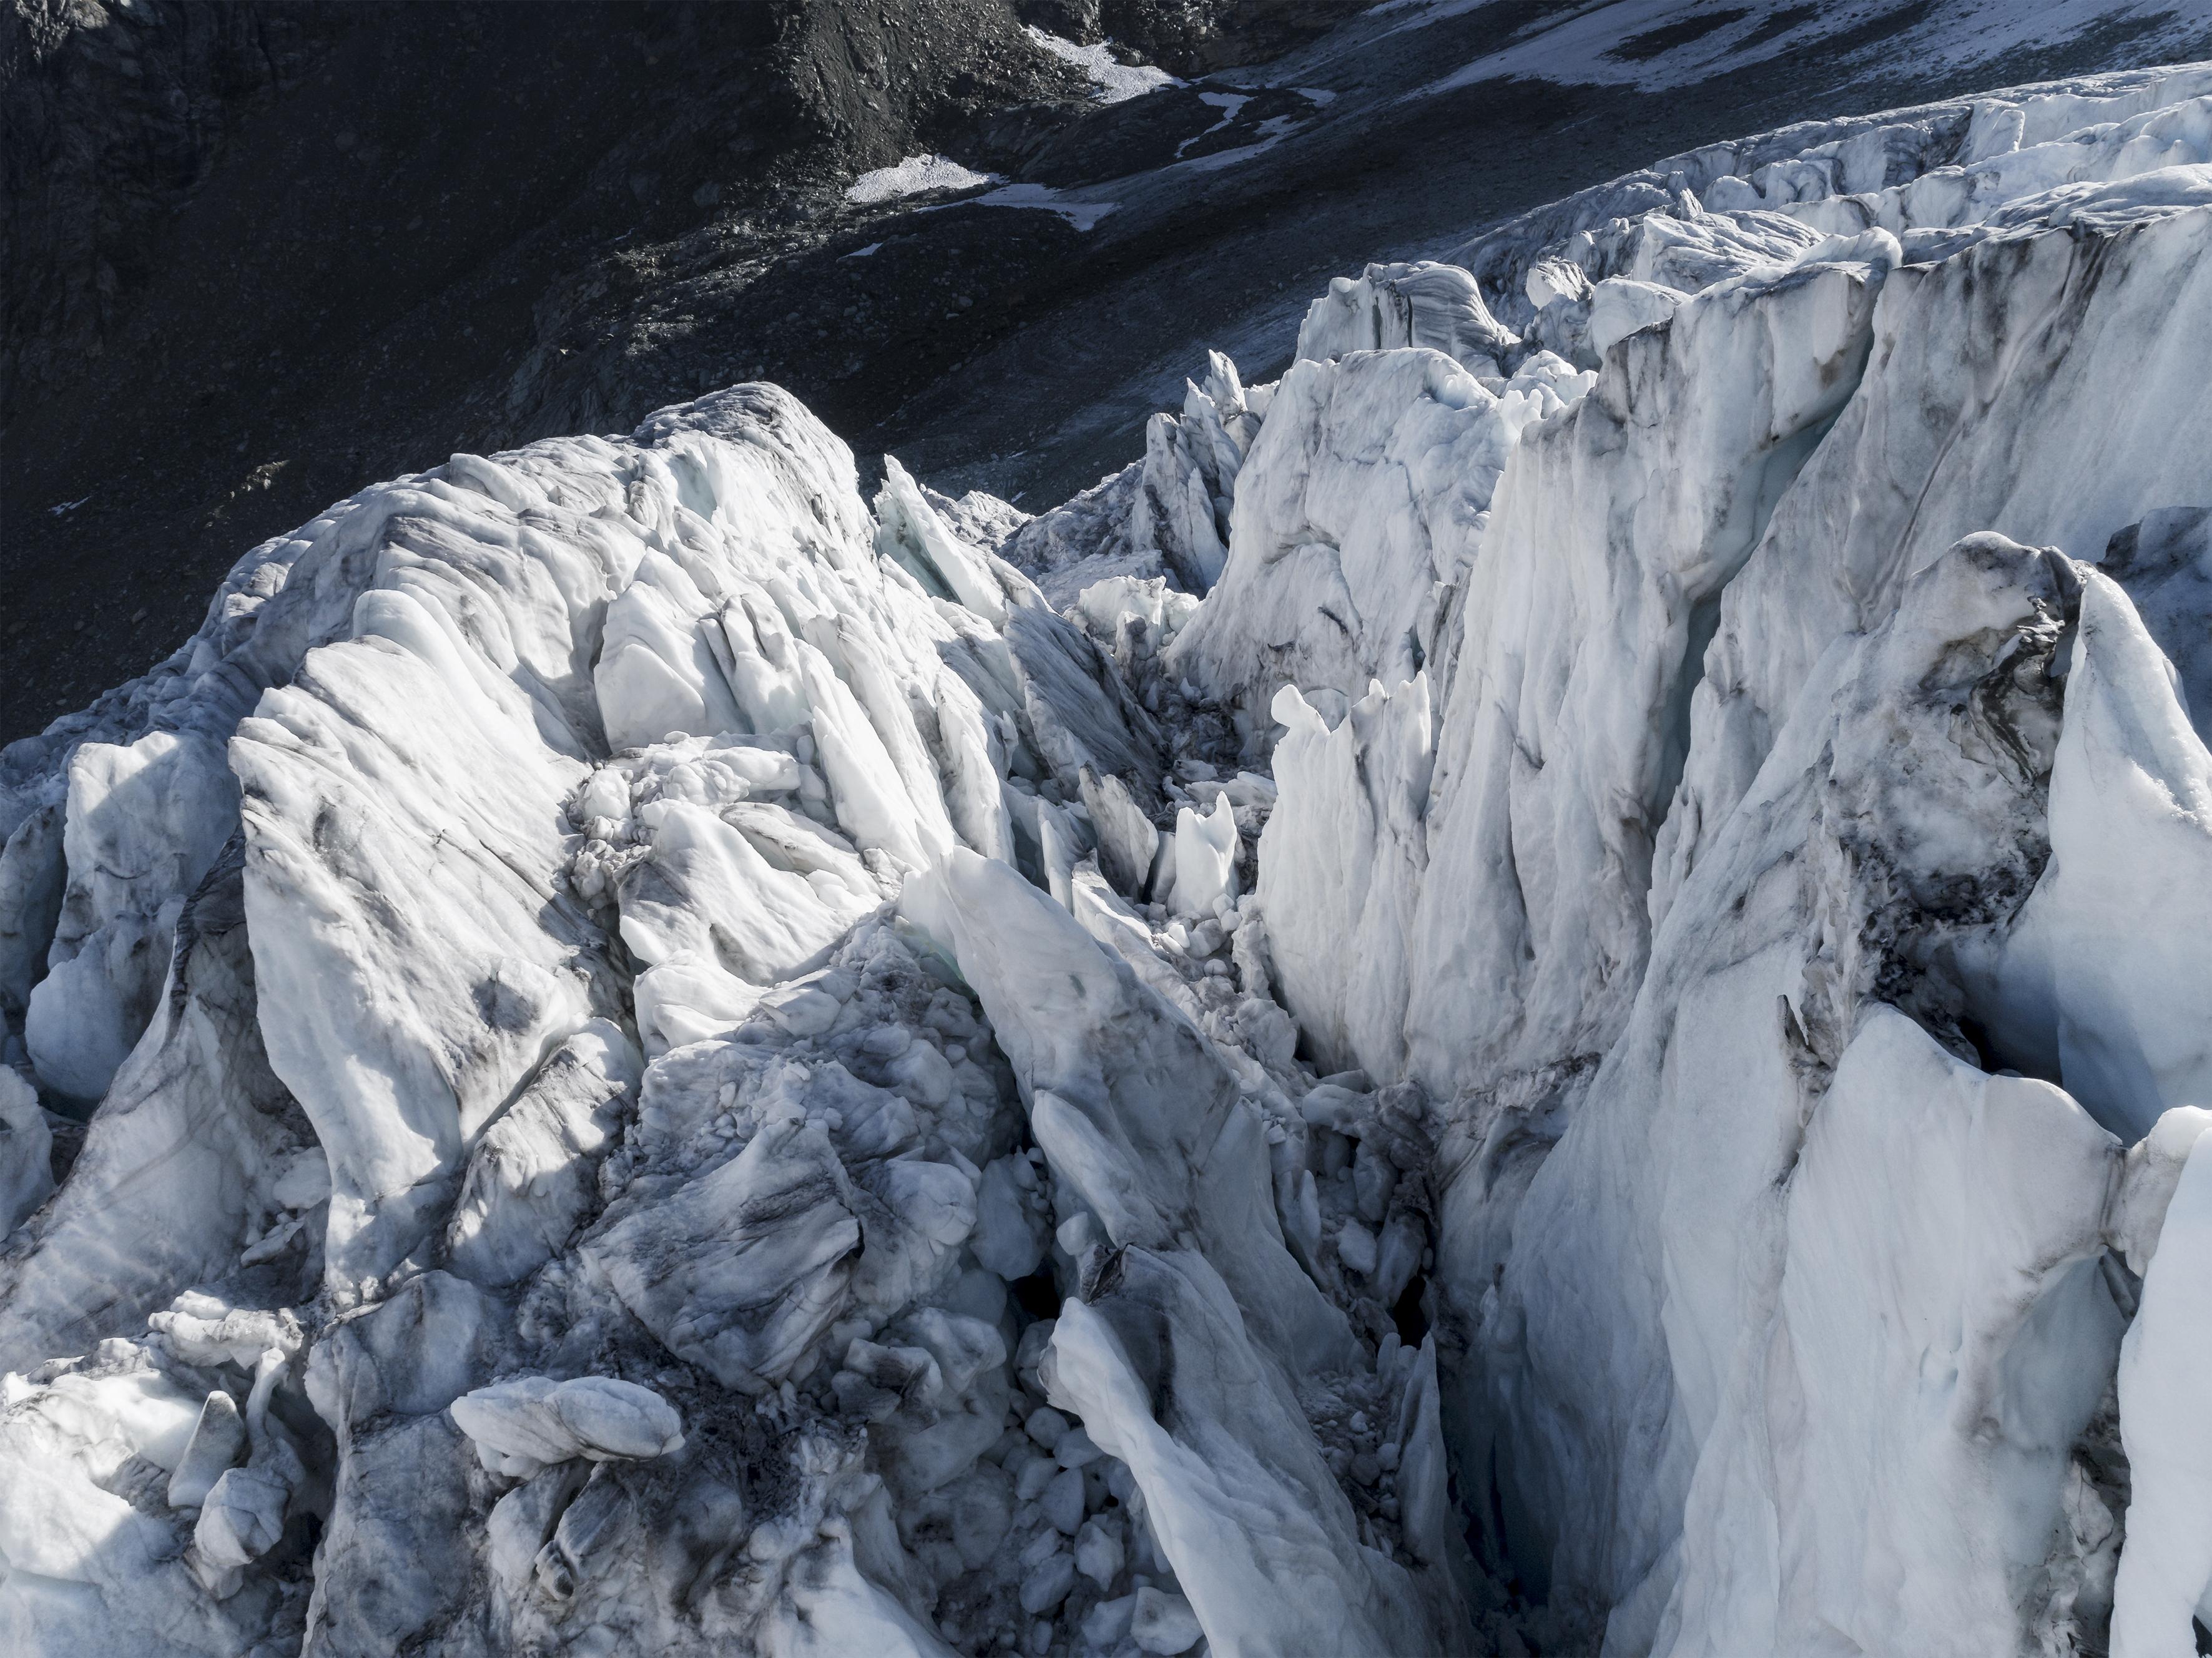 #384 Glaciers,Glacier de Moiry, 2018, 46°4'56.399″N 7°35'55.937″E